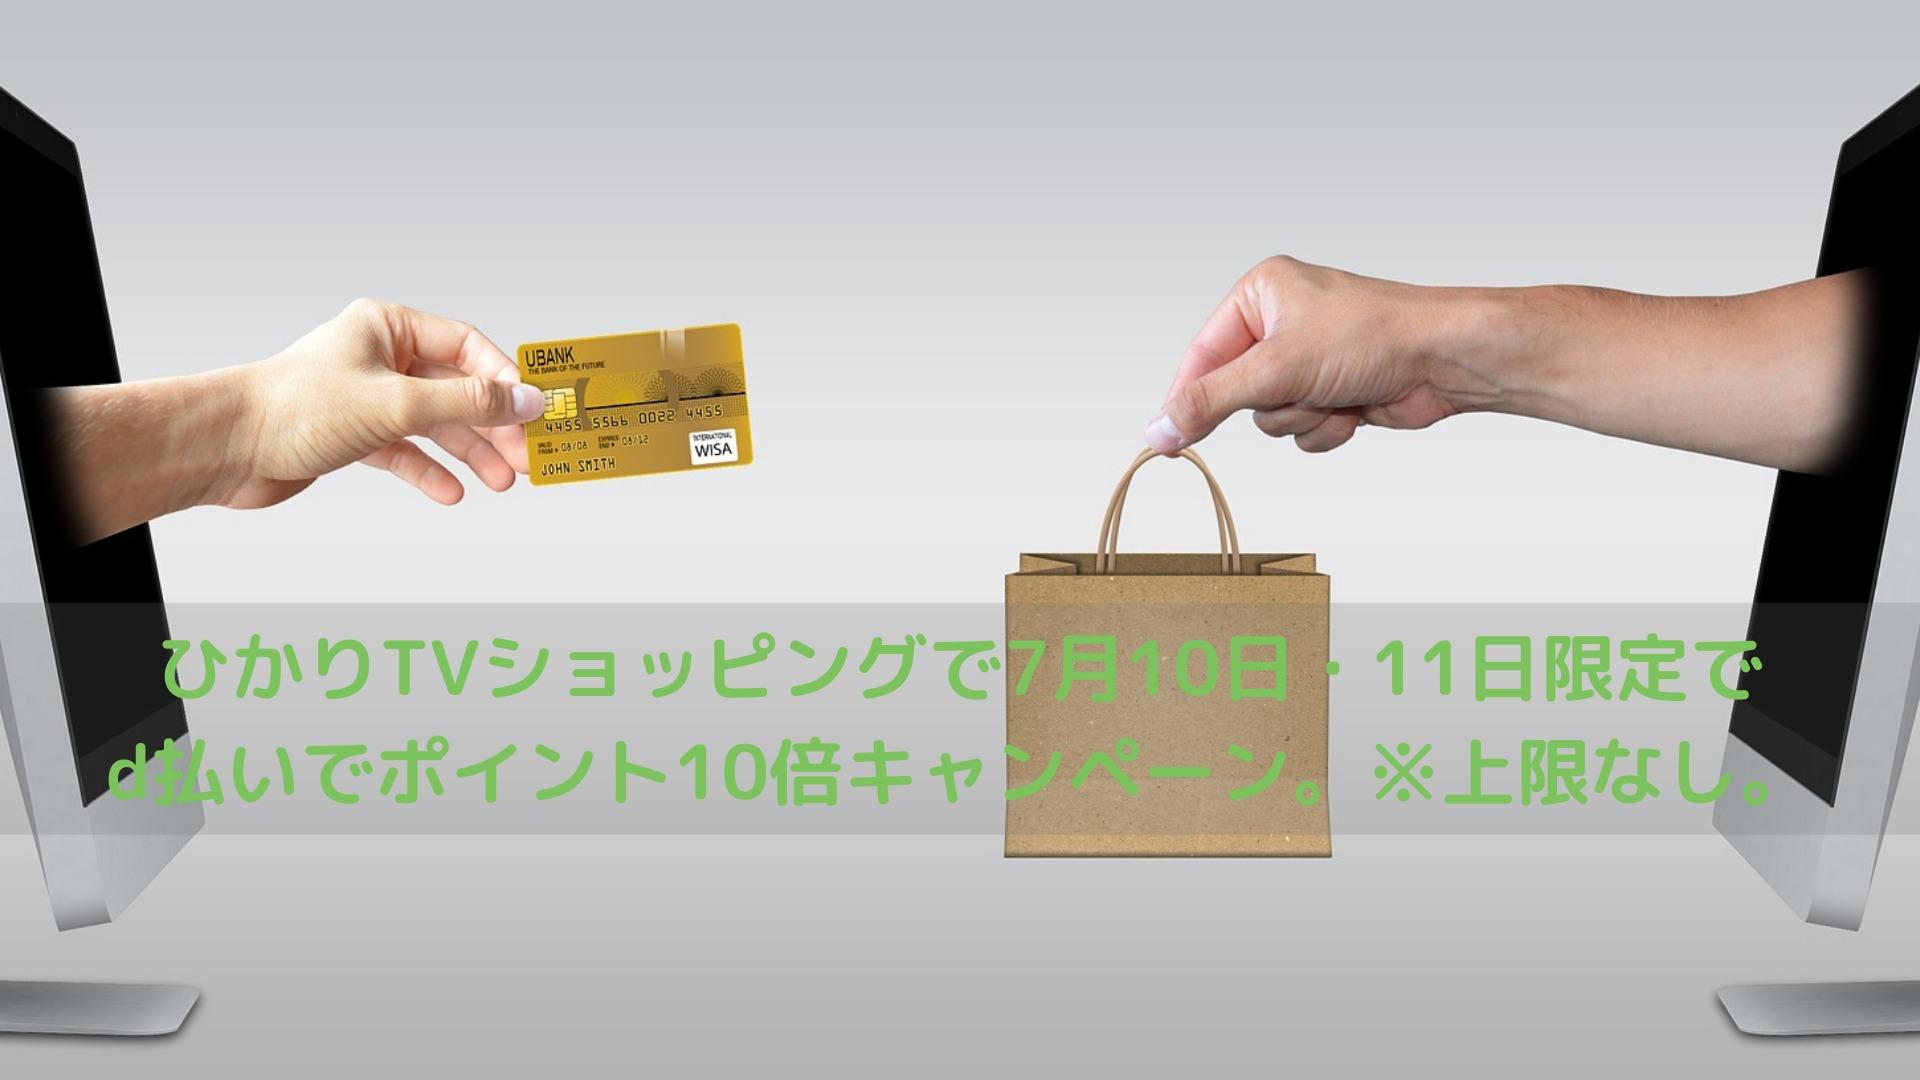 ひかりTVショッピングで7月10日・11日限定でd払いをすればポイント10倍キャンペーン。※上限なし。